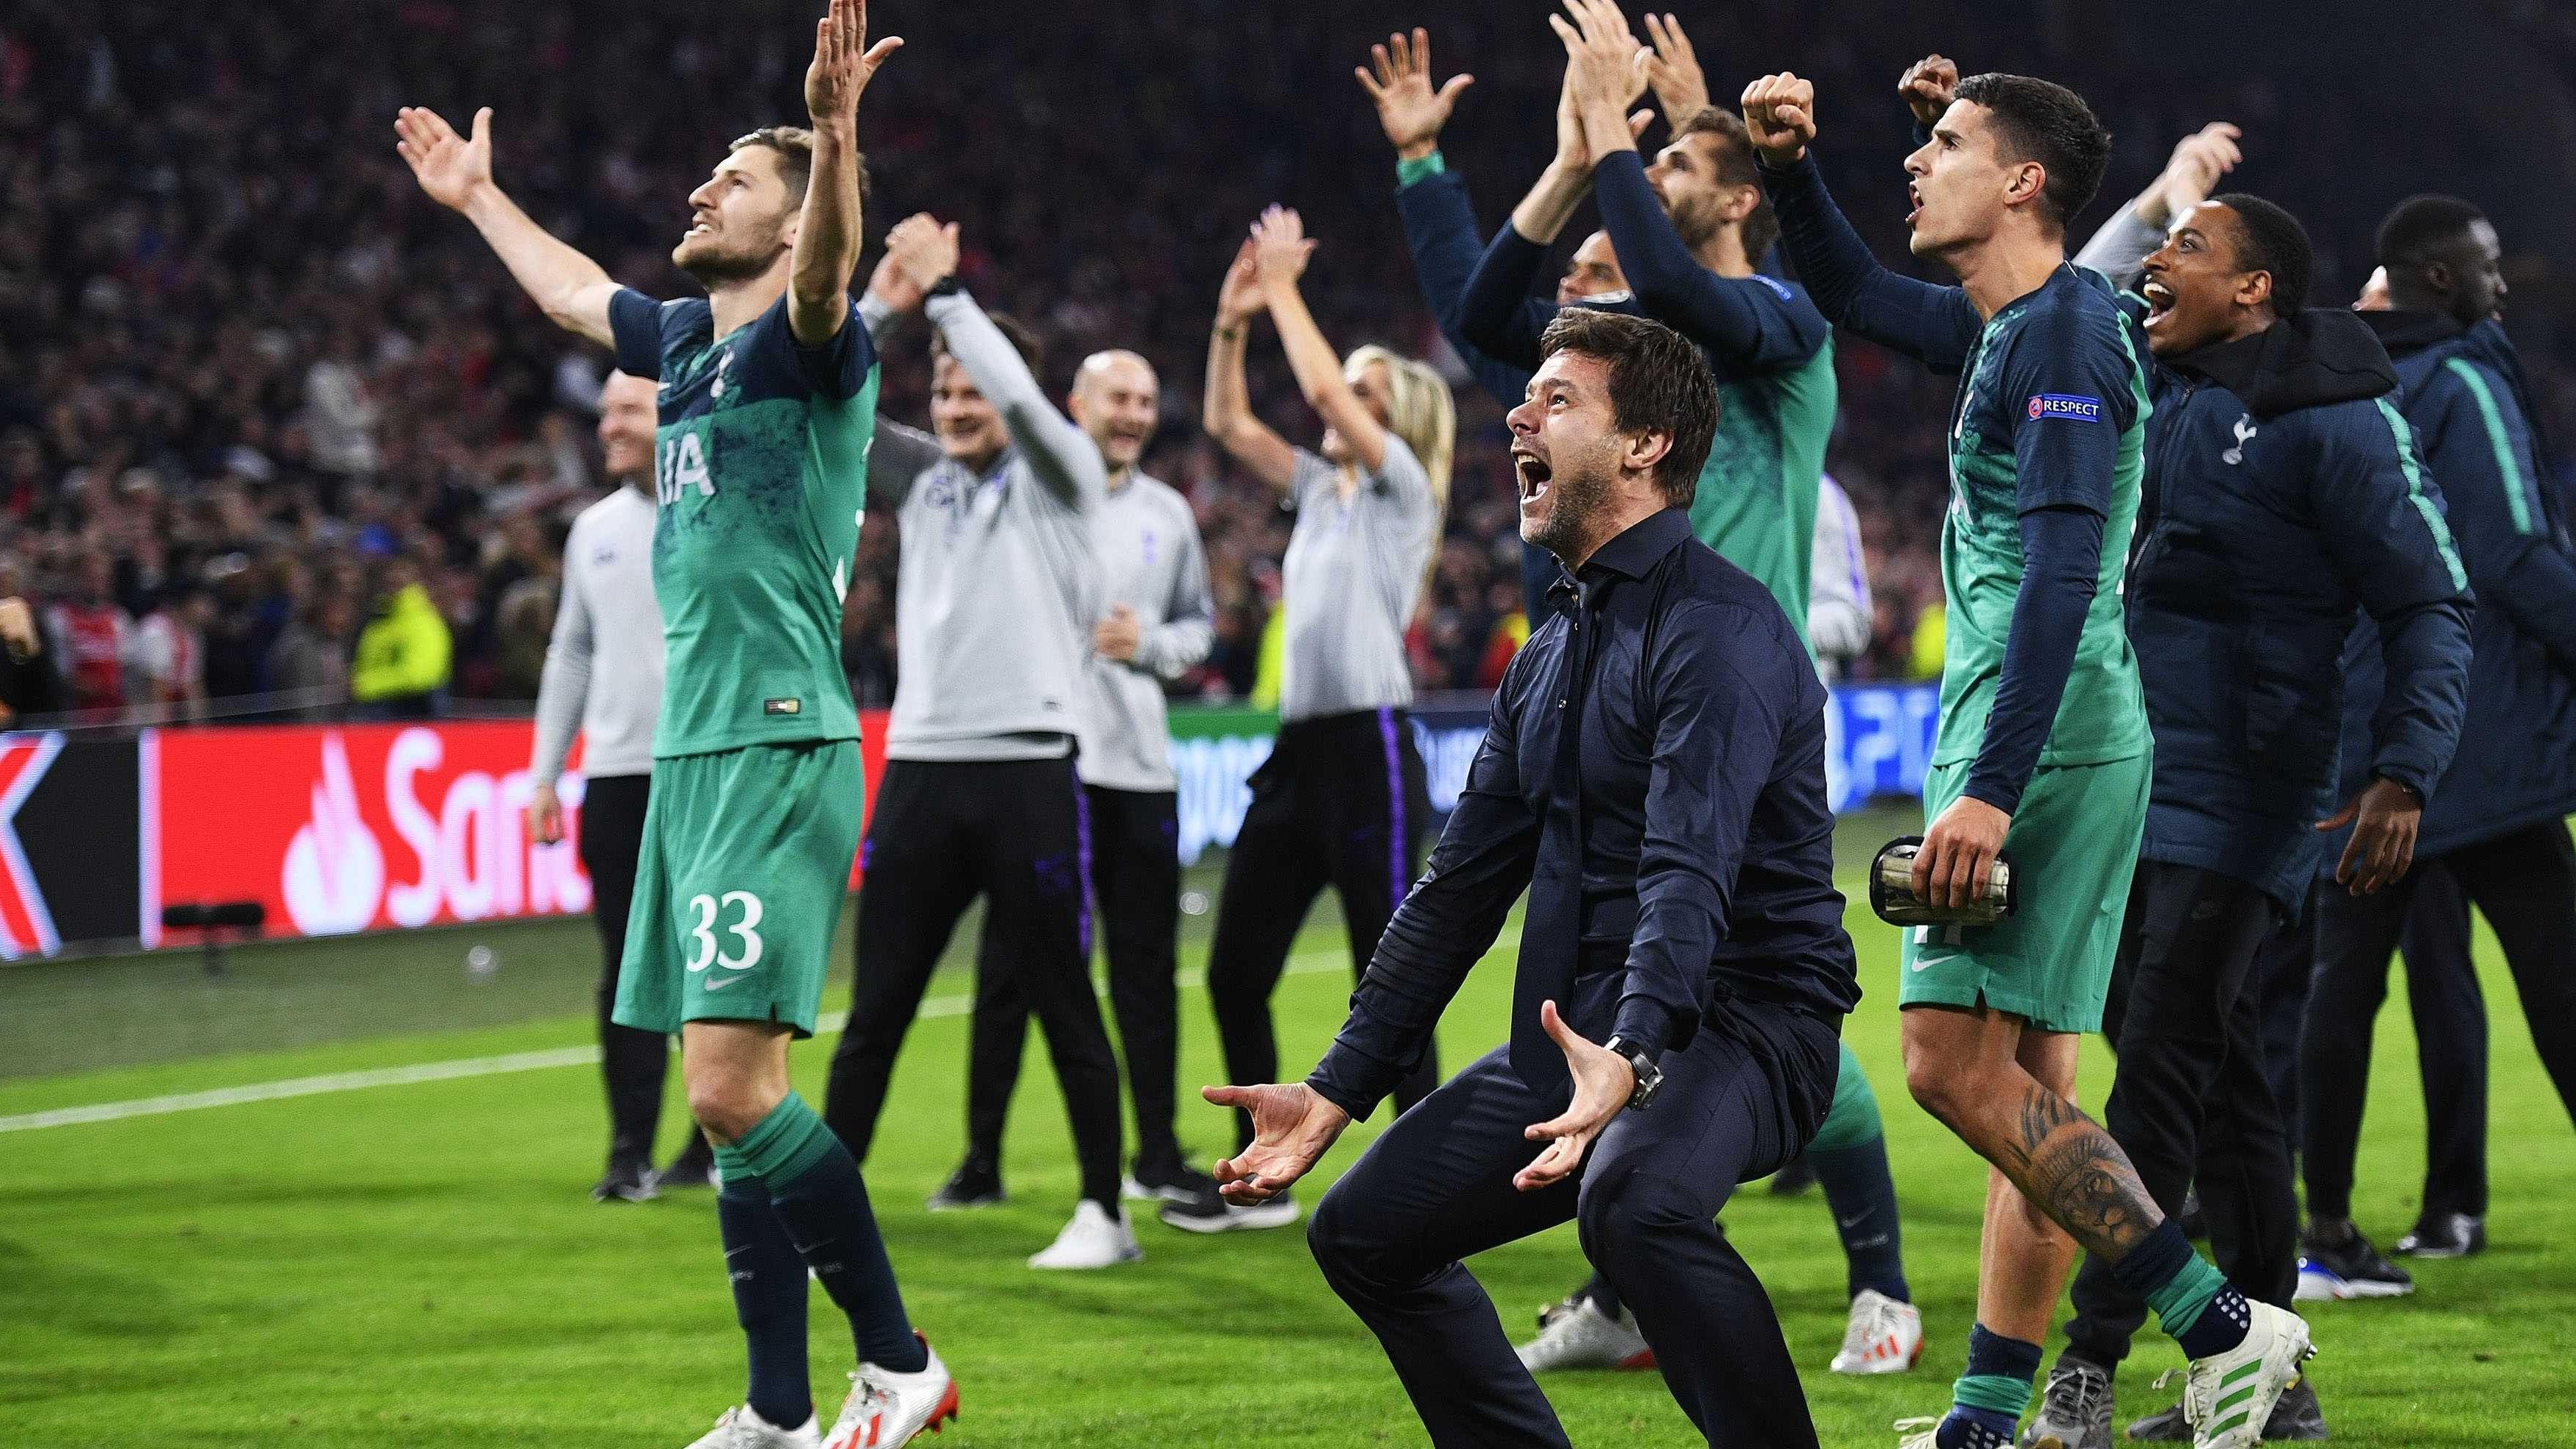 Tottenham Hotspur erreicht überraschend das Finale der Fußball Champions League